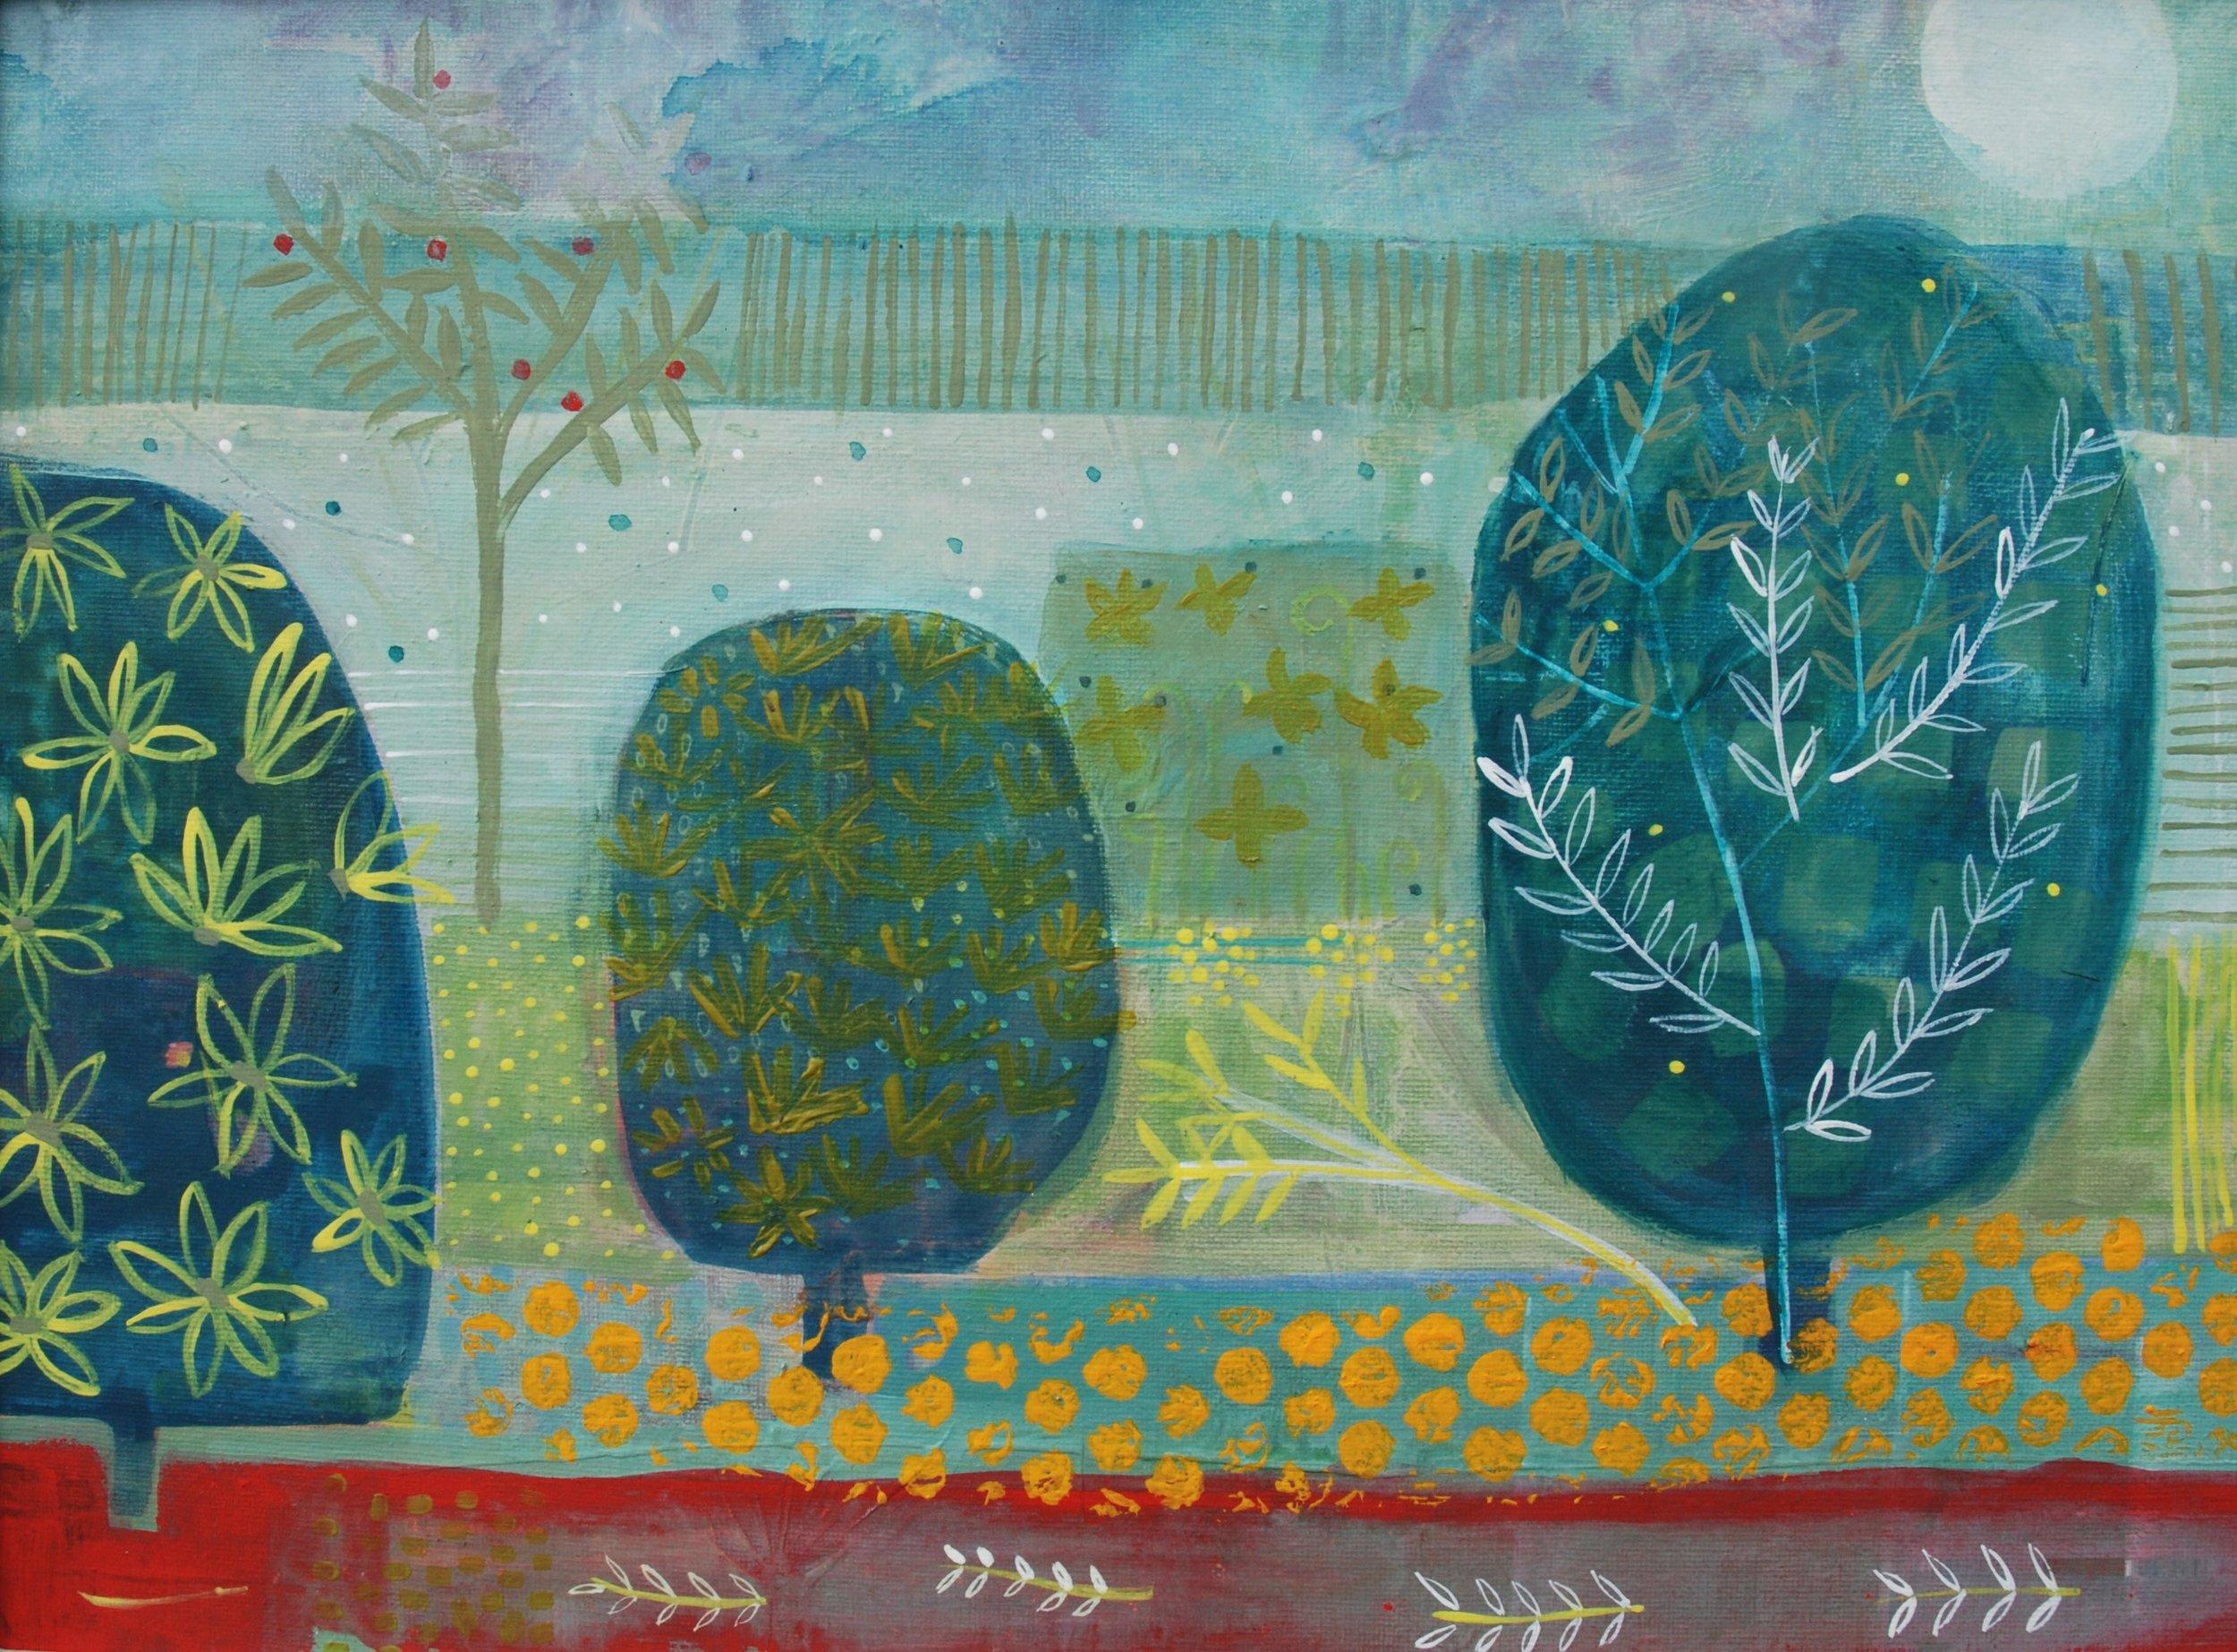 Spanish Garden ii  - acrylic on canvas - 19in x 16in.jpg